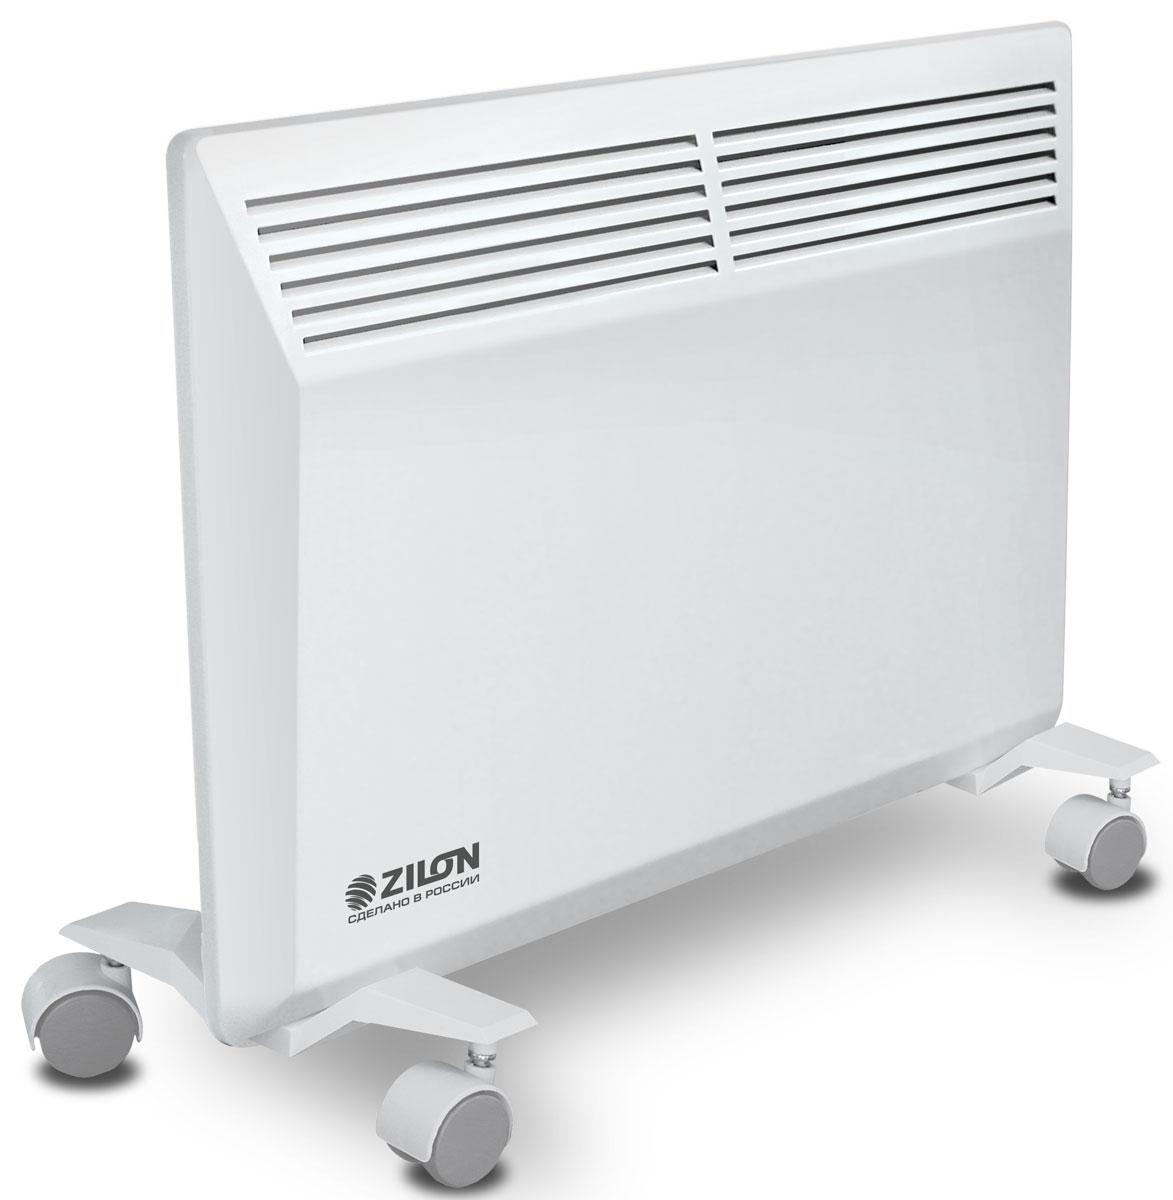 ZILON ZHC-1500 SR2.0 ���������